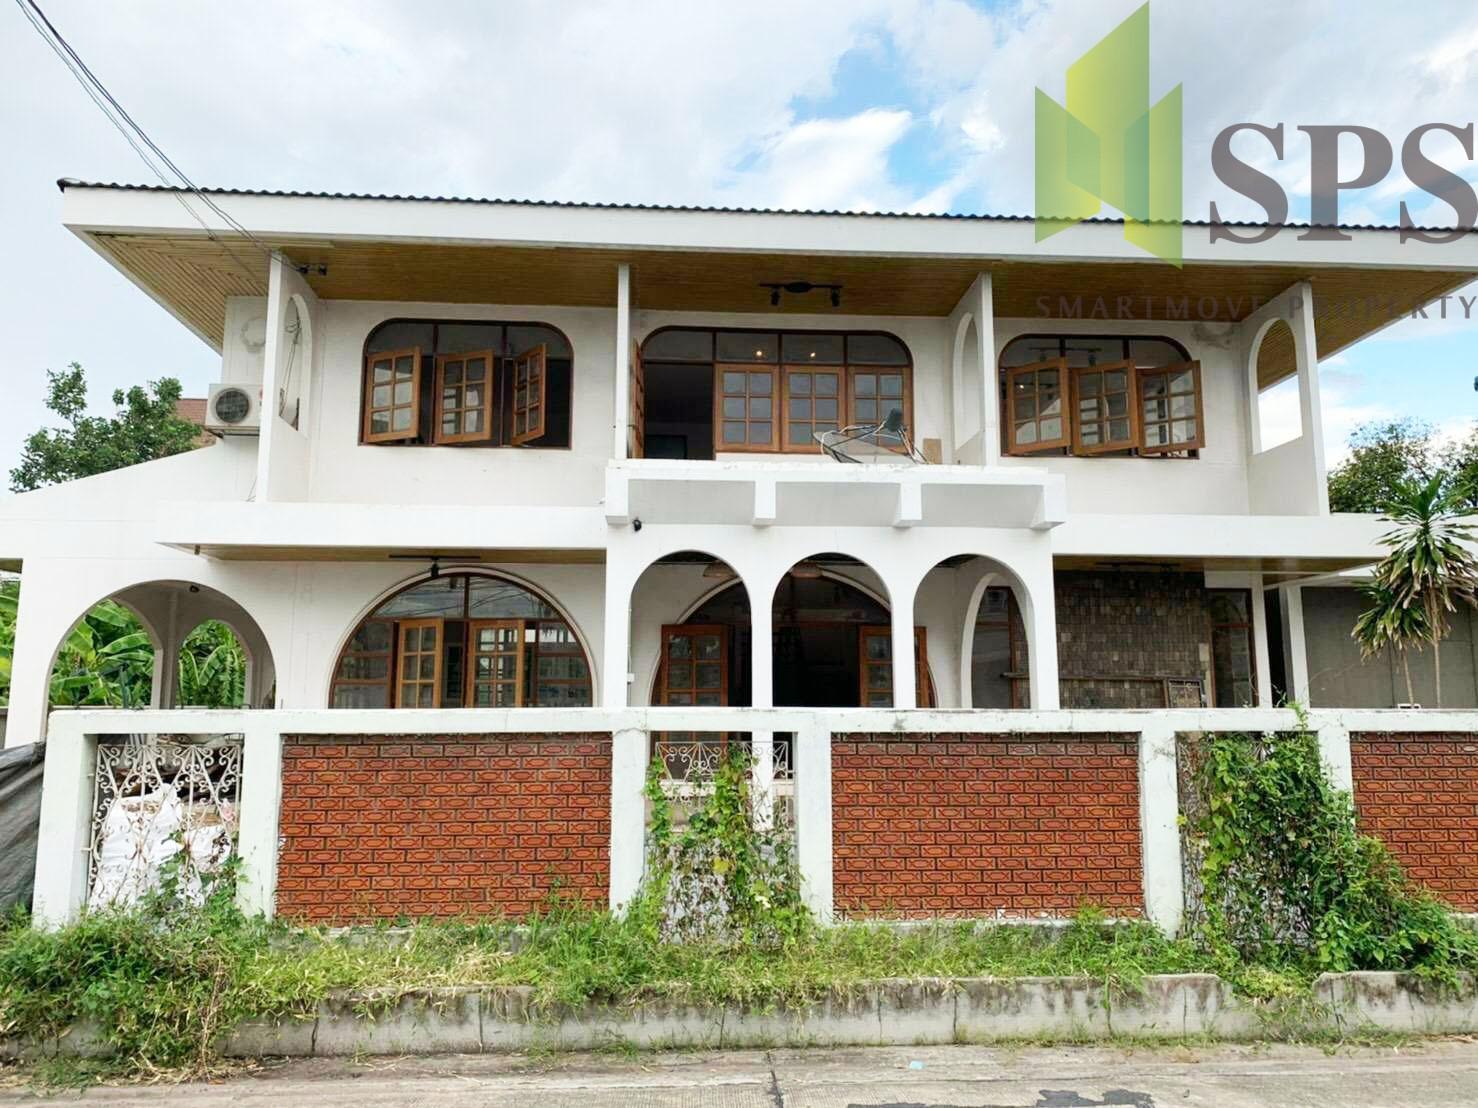 ให้เช่าบ้านเดี่ยว ตกแต่งใหม่ ในบ้านหมู่บ้านทิพวัล (SPSP236)